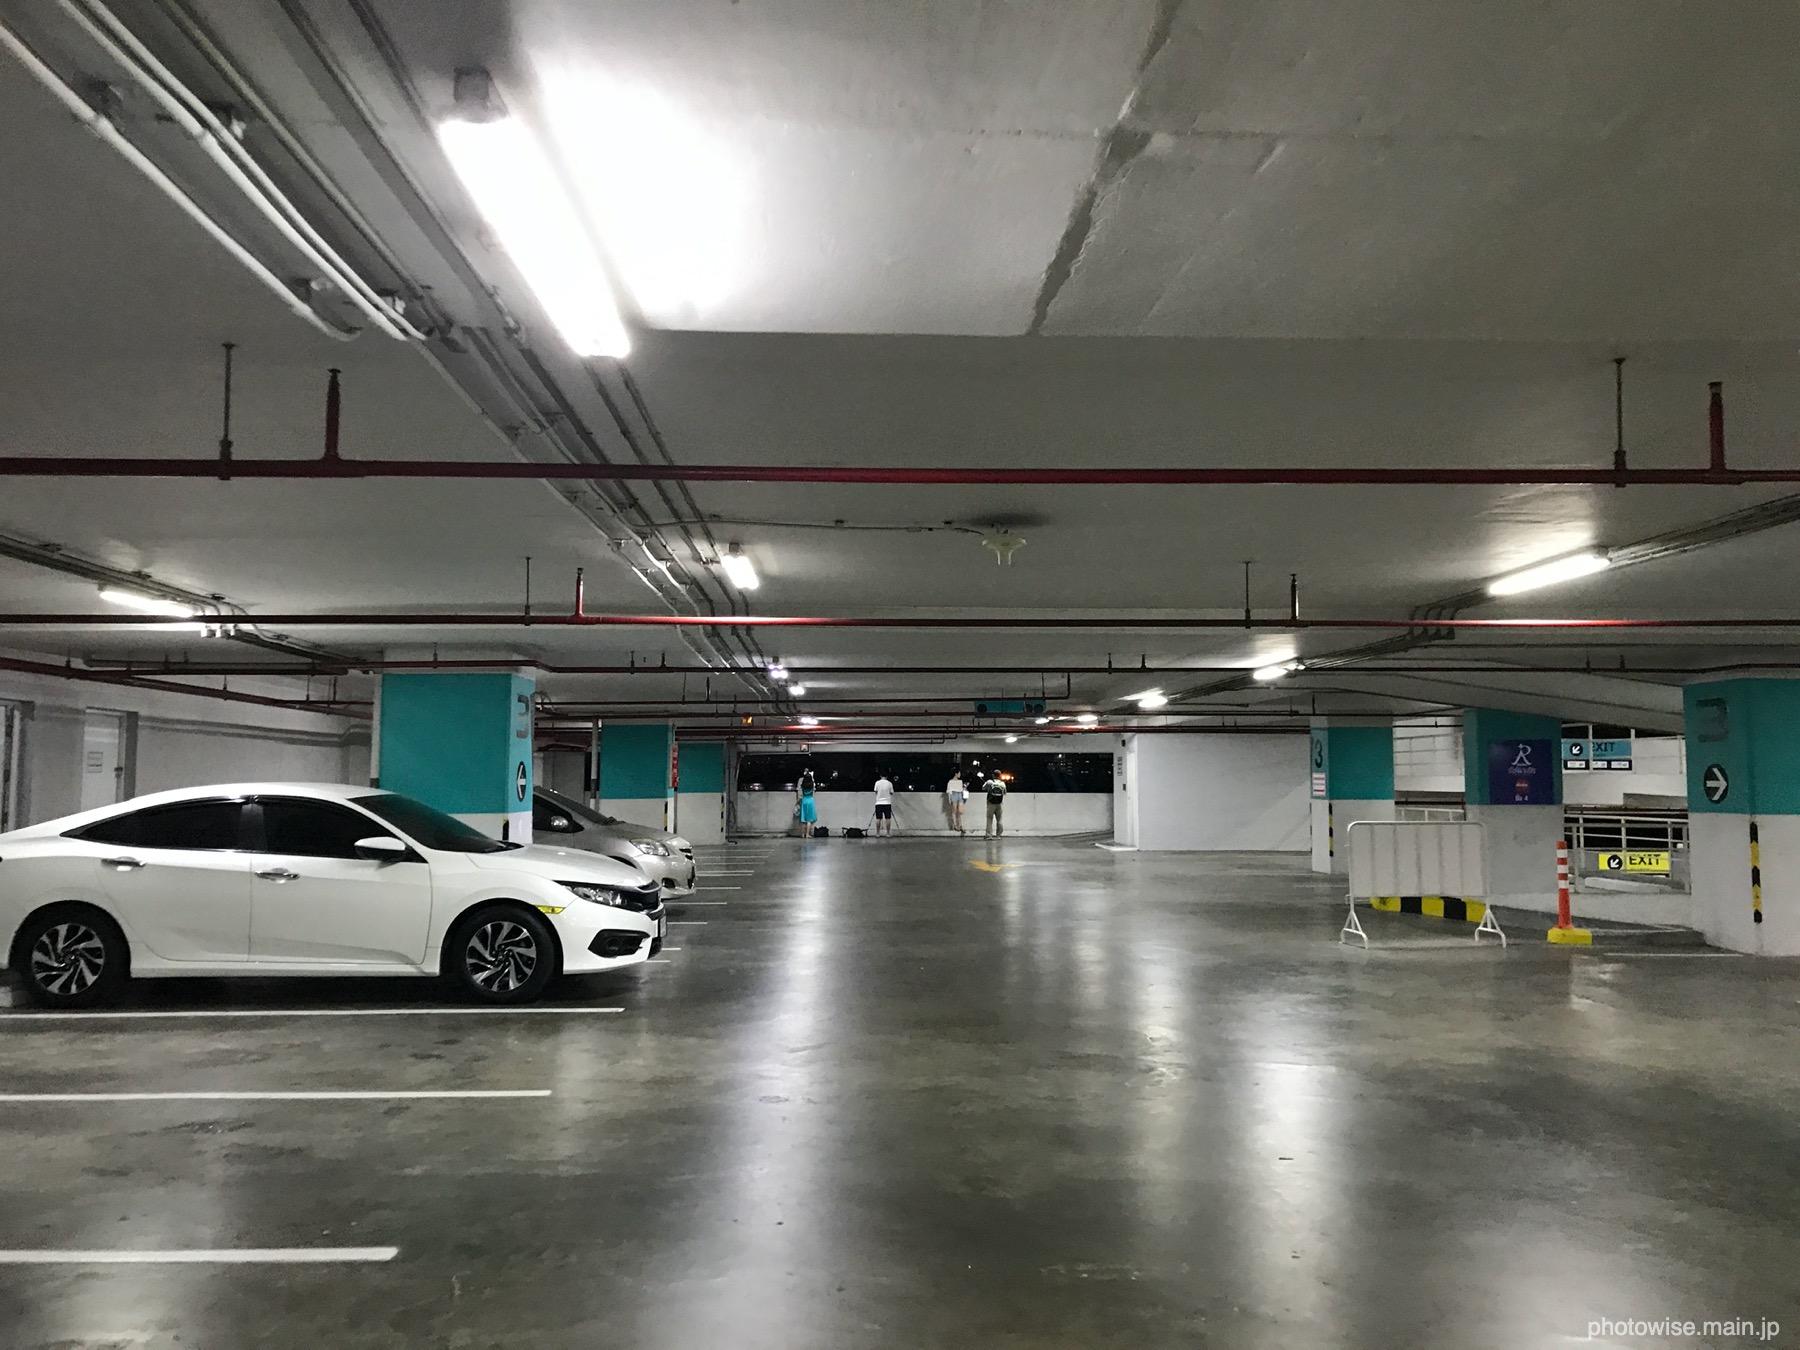 エスプラナードの駐車場